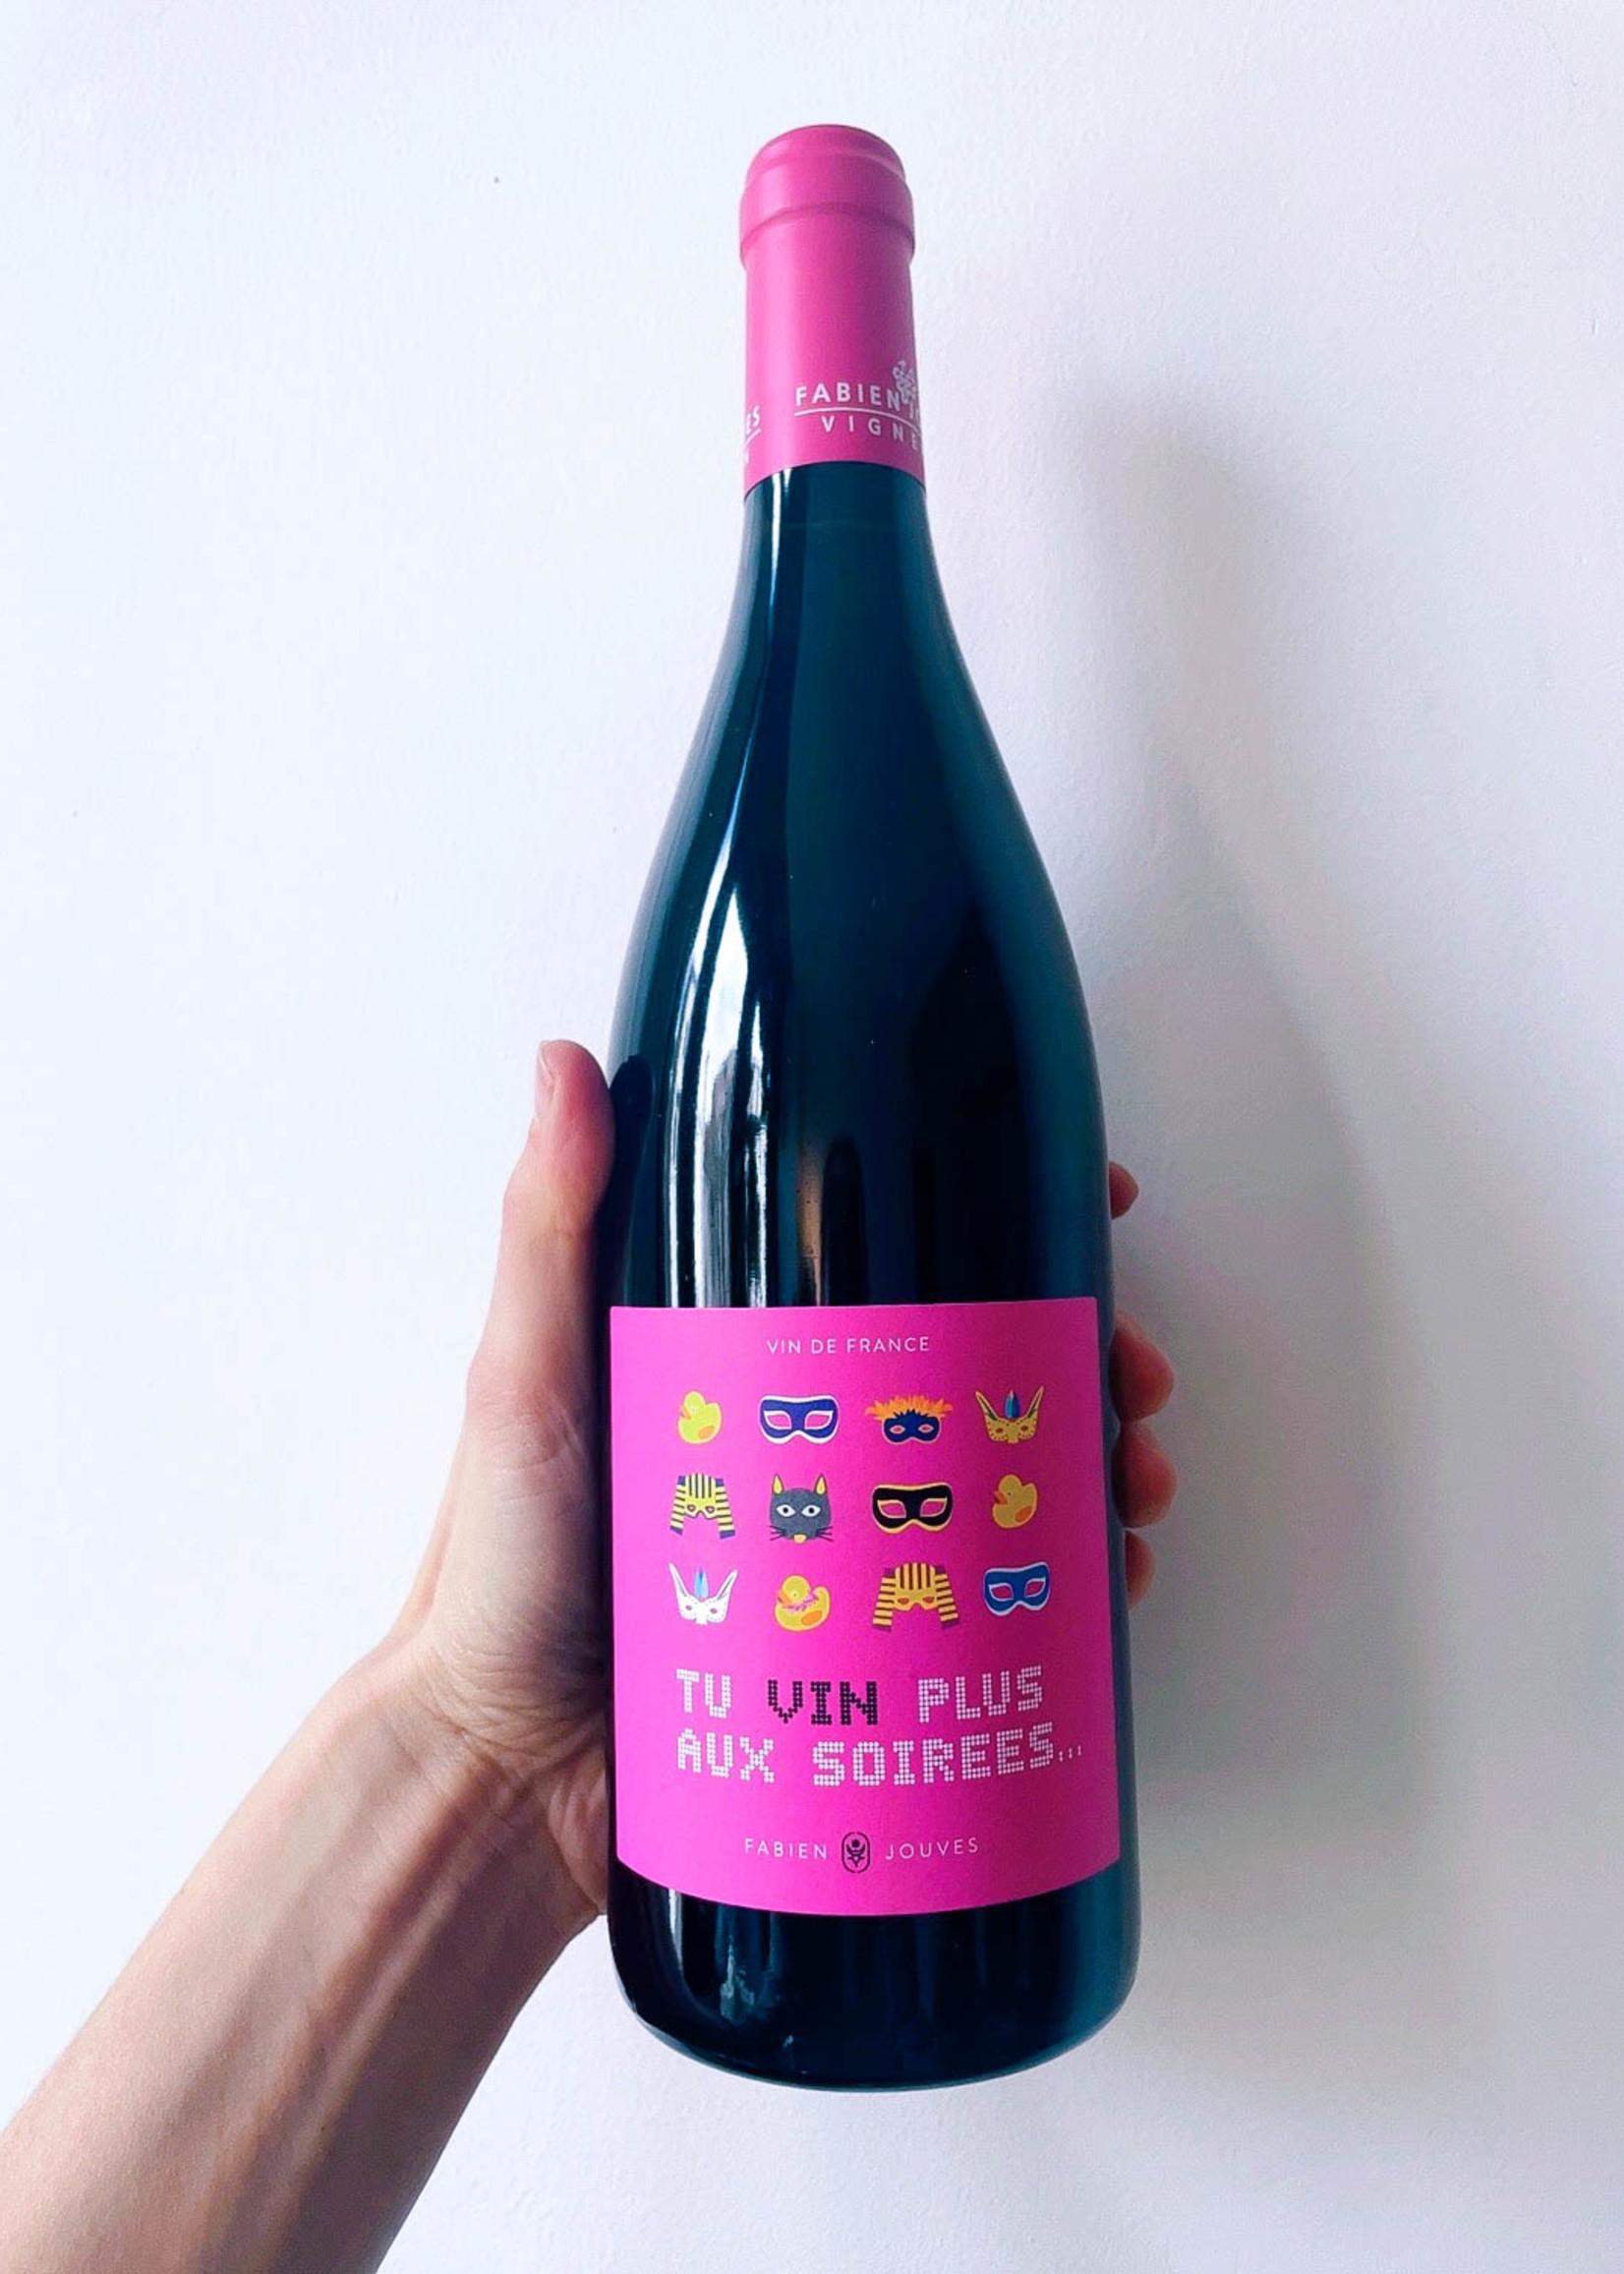 Mas del Périé Tu Vin Plus Aux Soirees - Mas del Périé - 2020